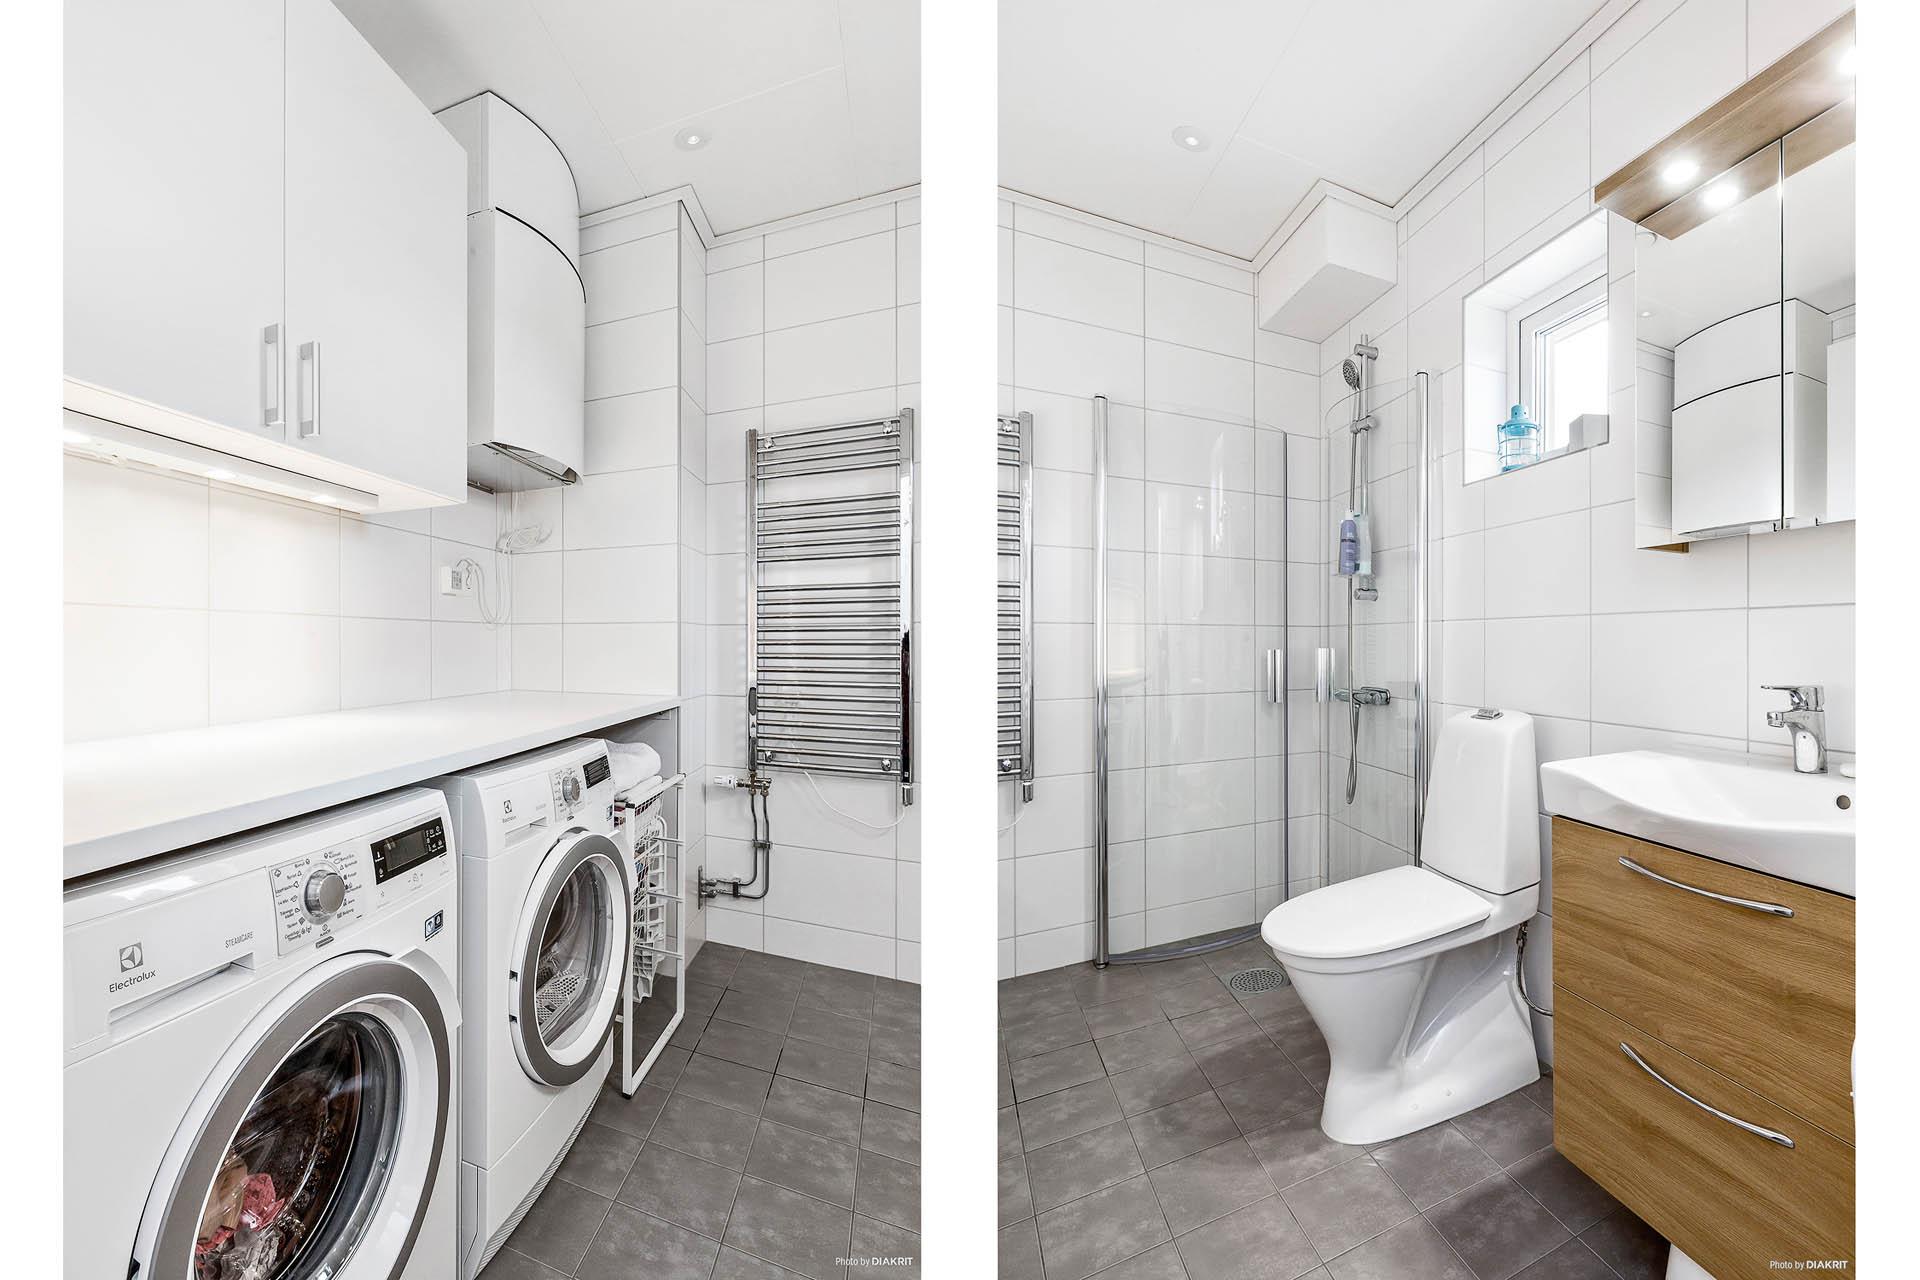 Badrum med kombinerad tvättavdelning